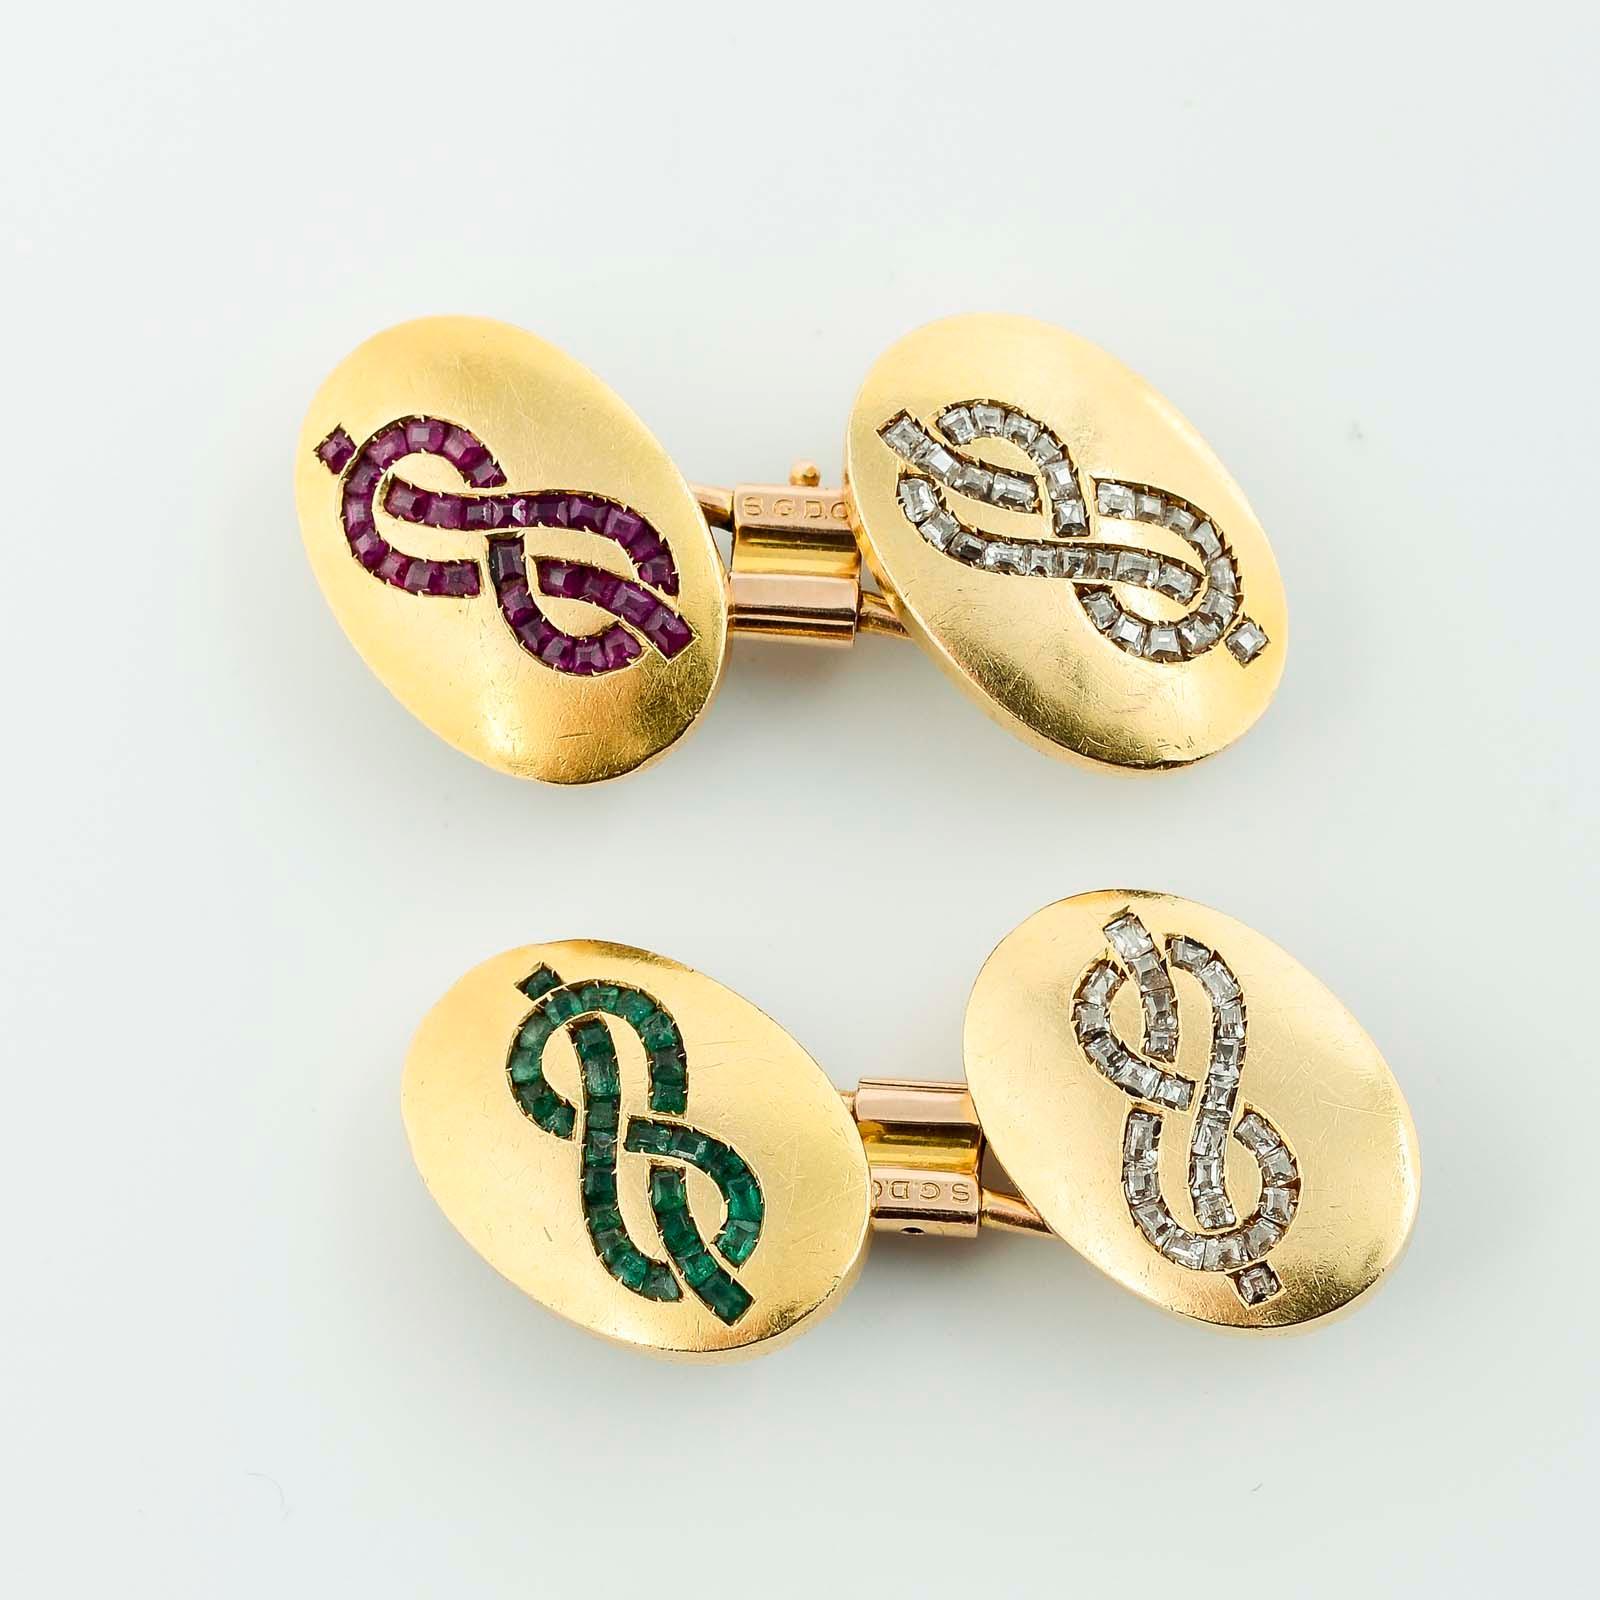 Botões de punho ouro, esmeraldas, rubis, dP.21,8g